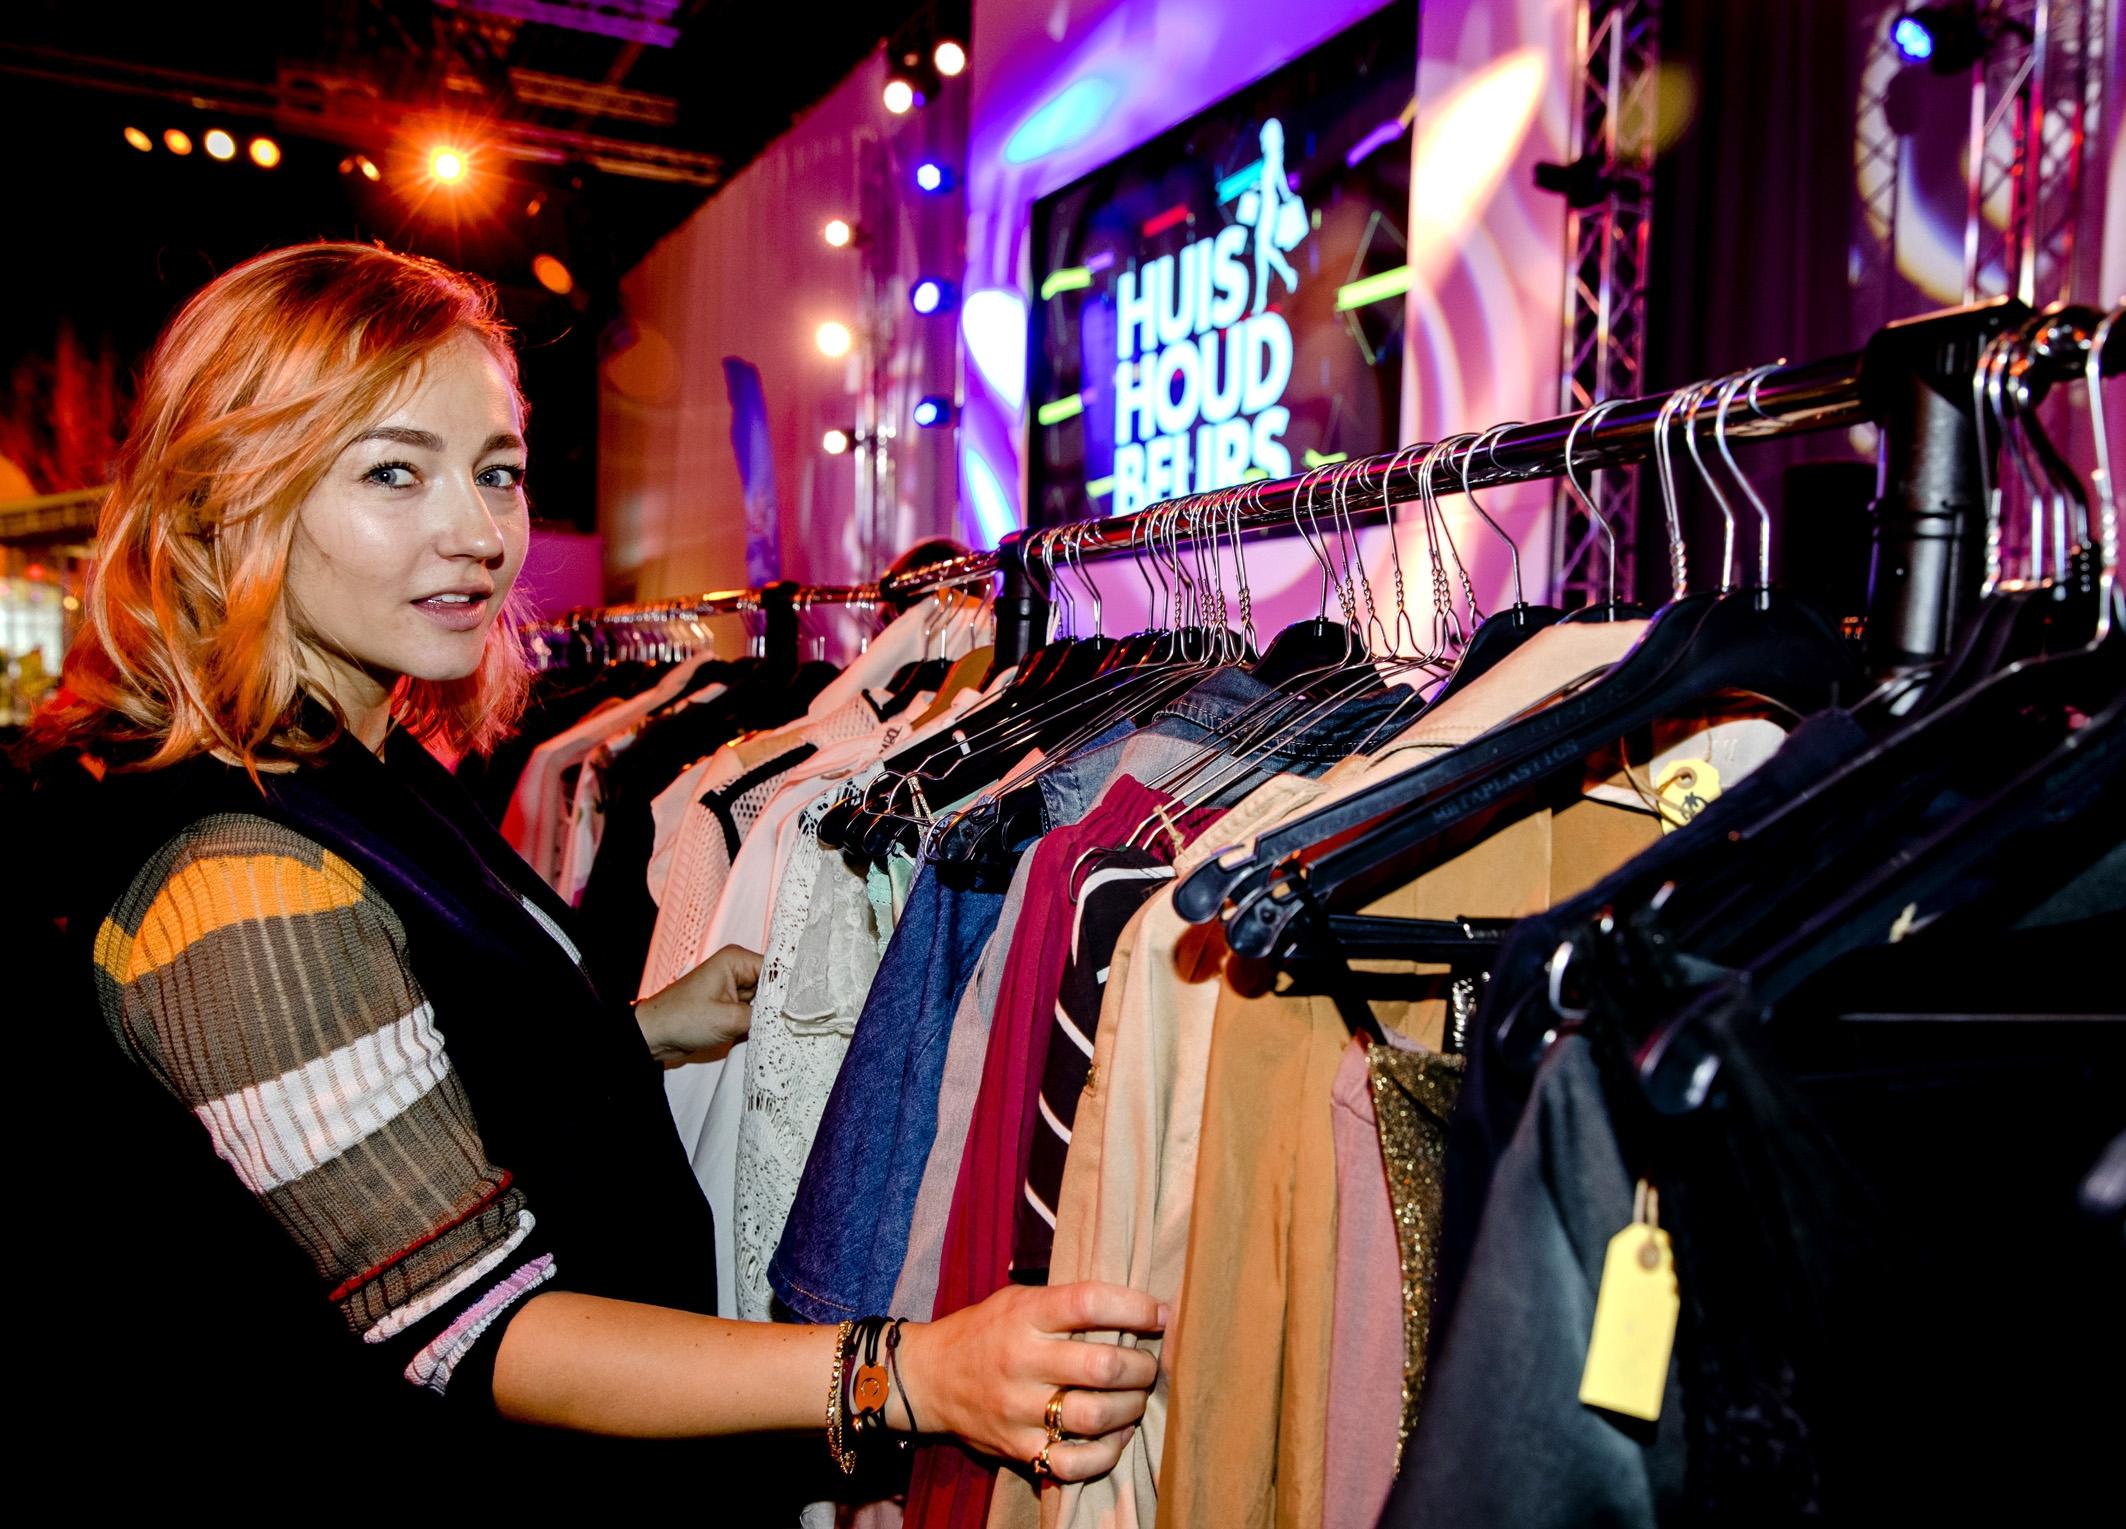 Scoor de kledingstukken van je favoriete BN'ers op de Huishoudbeurs